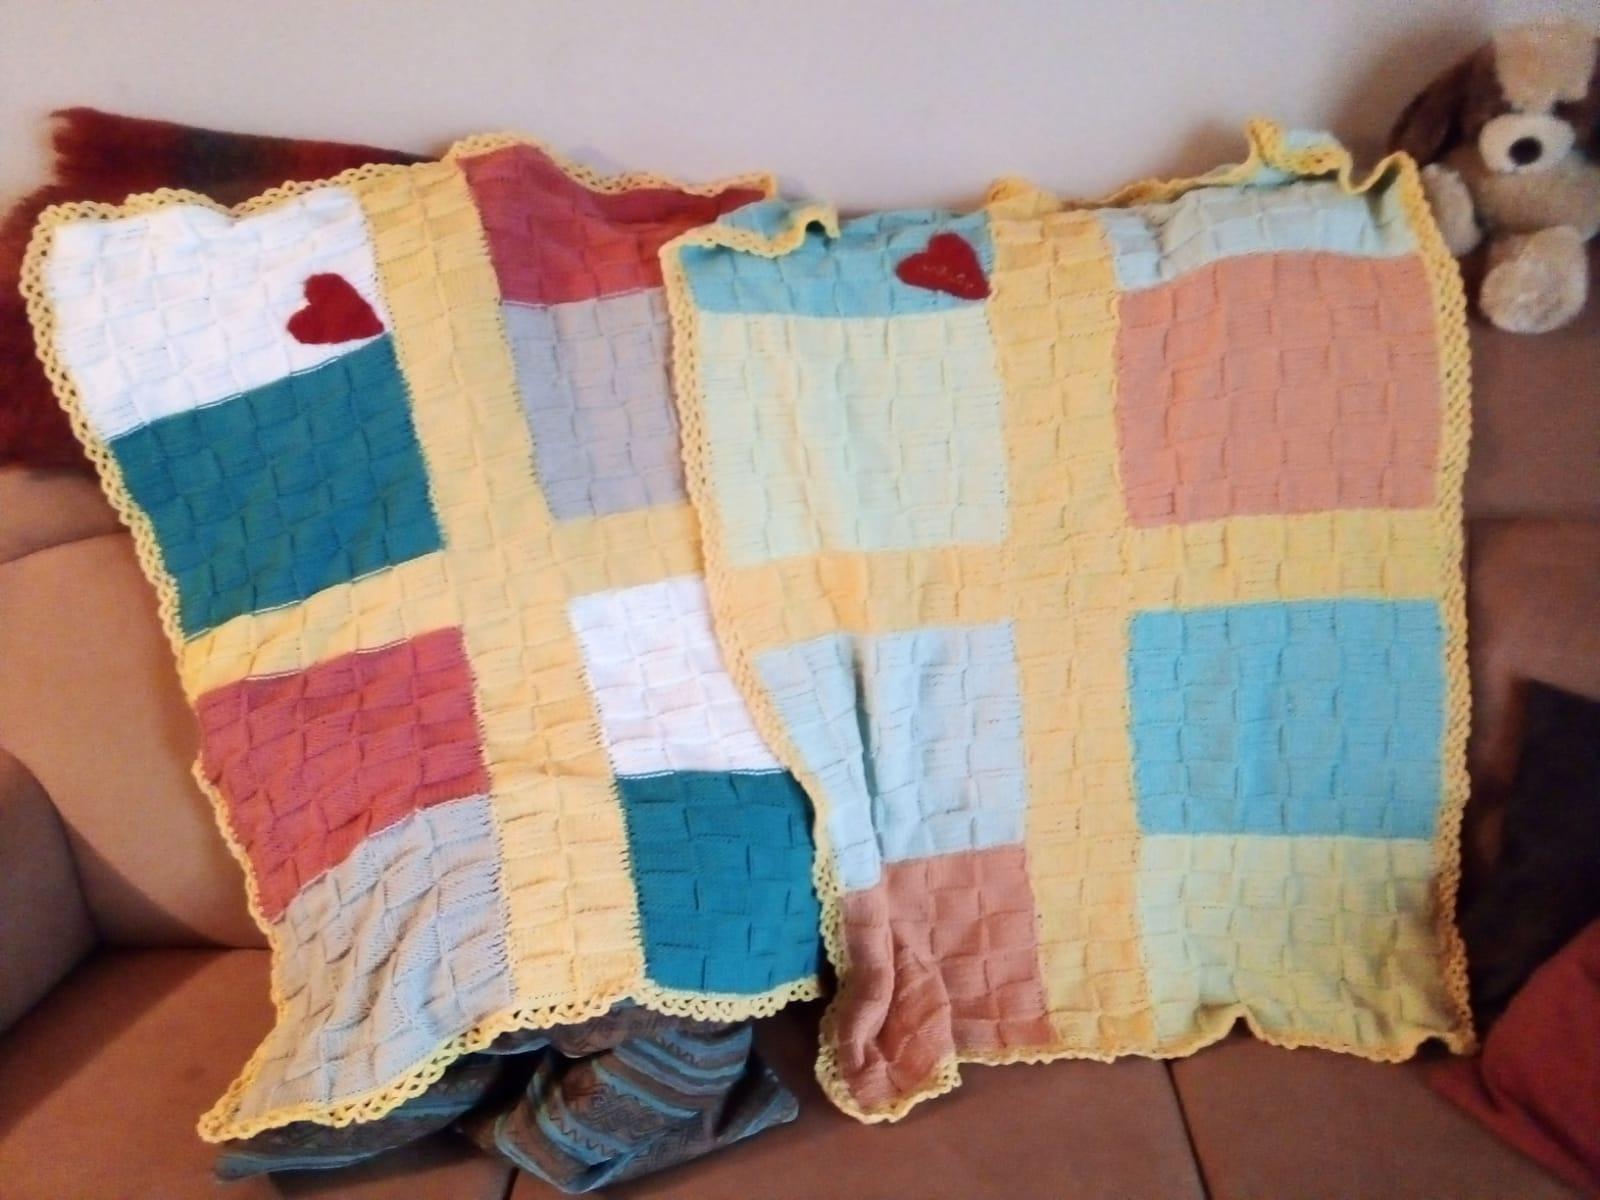 Babydedcken, ONline Linie 364 Rubetta